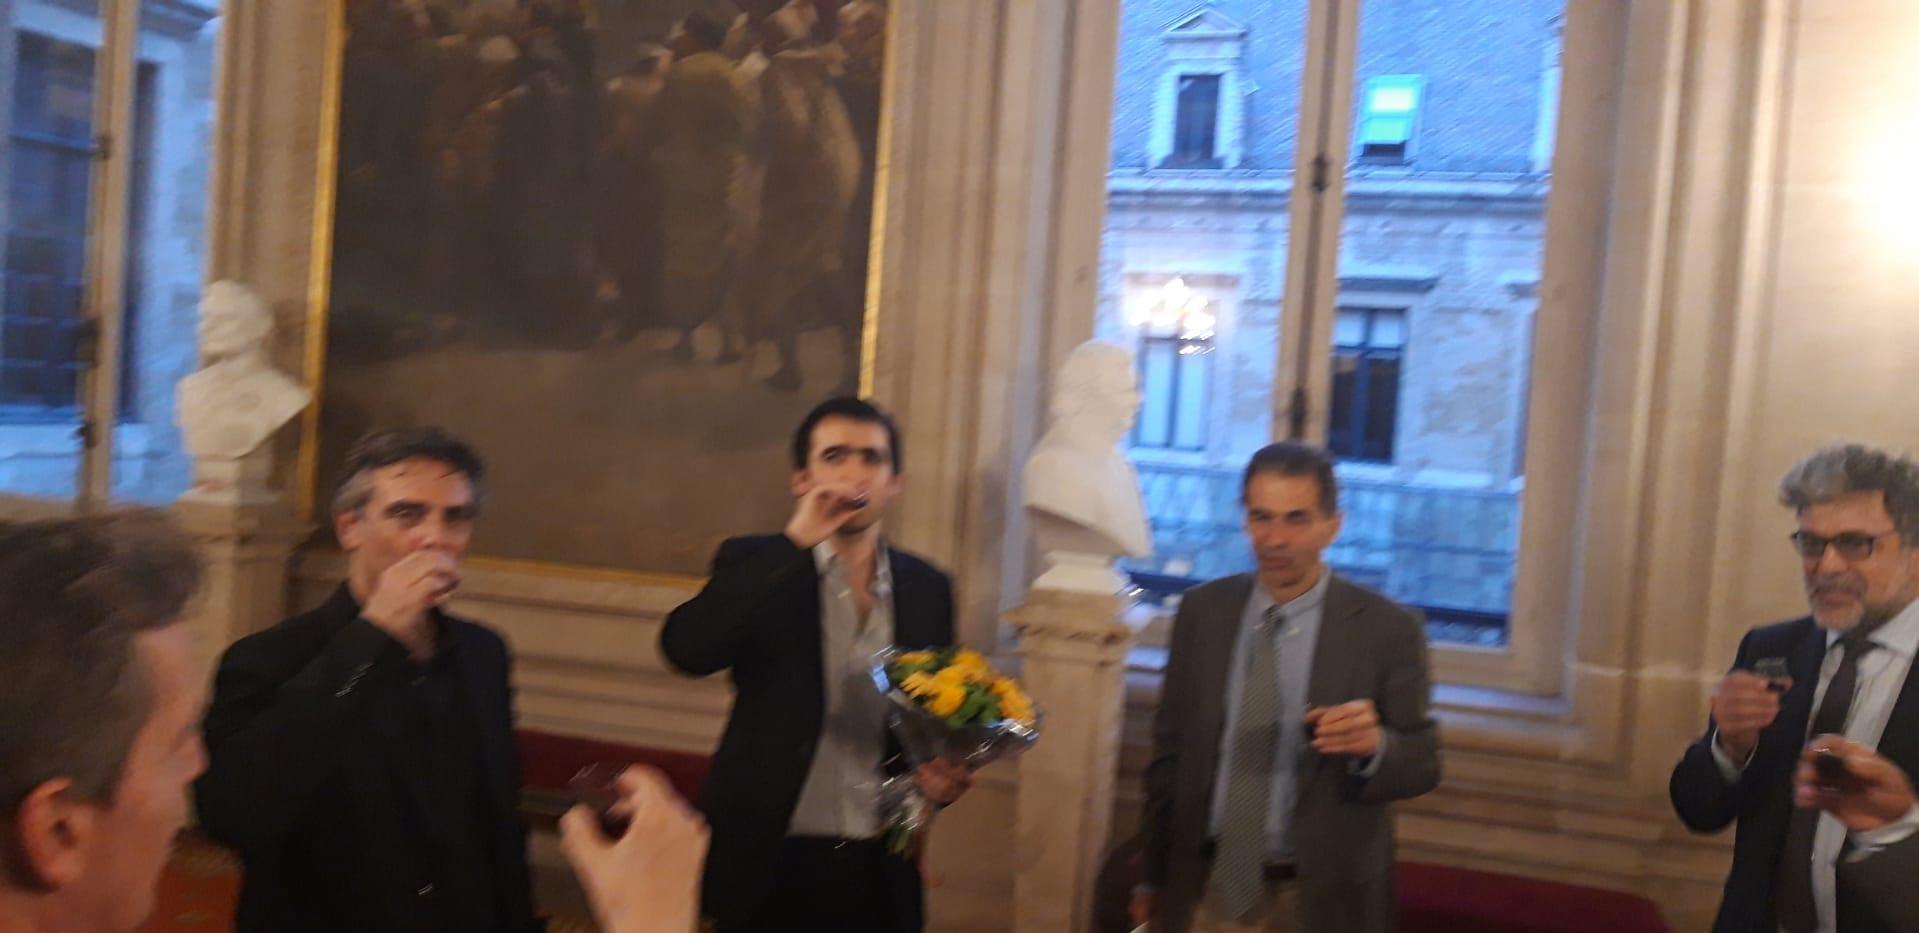 Un toast aux pianistes. Bravo Bruno Belthoise et João Costa Ferreira. Bem-hajam!